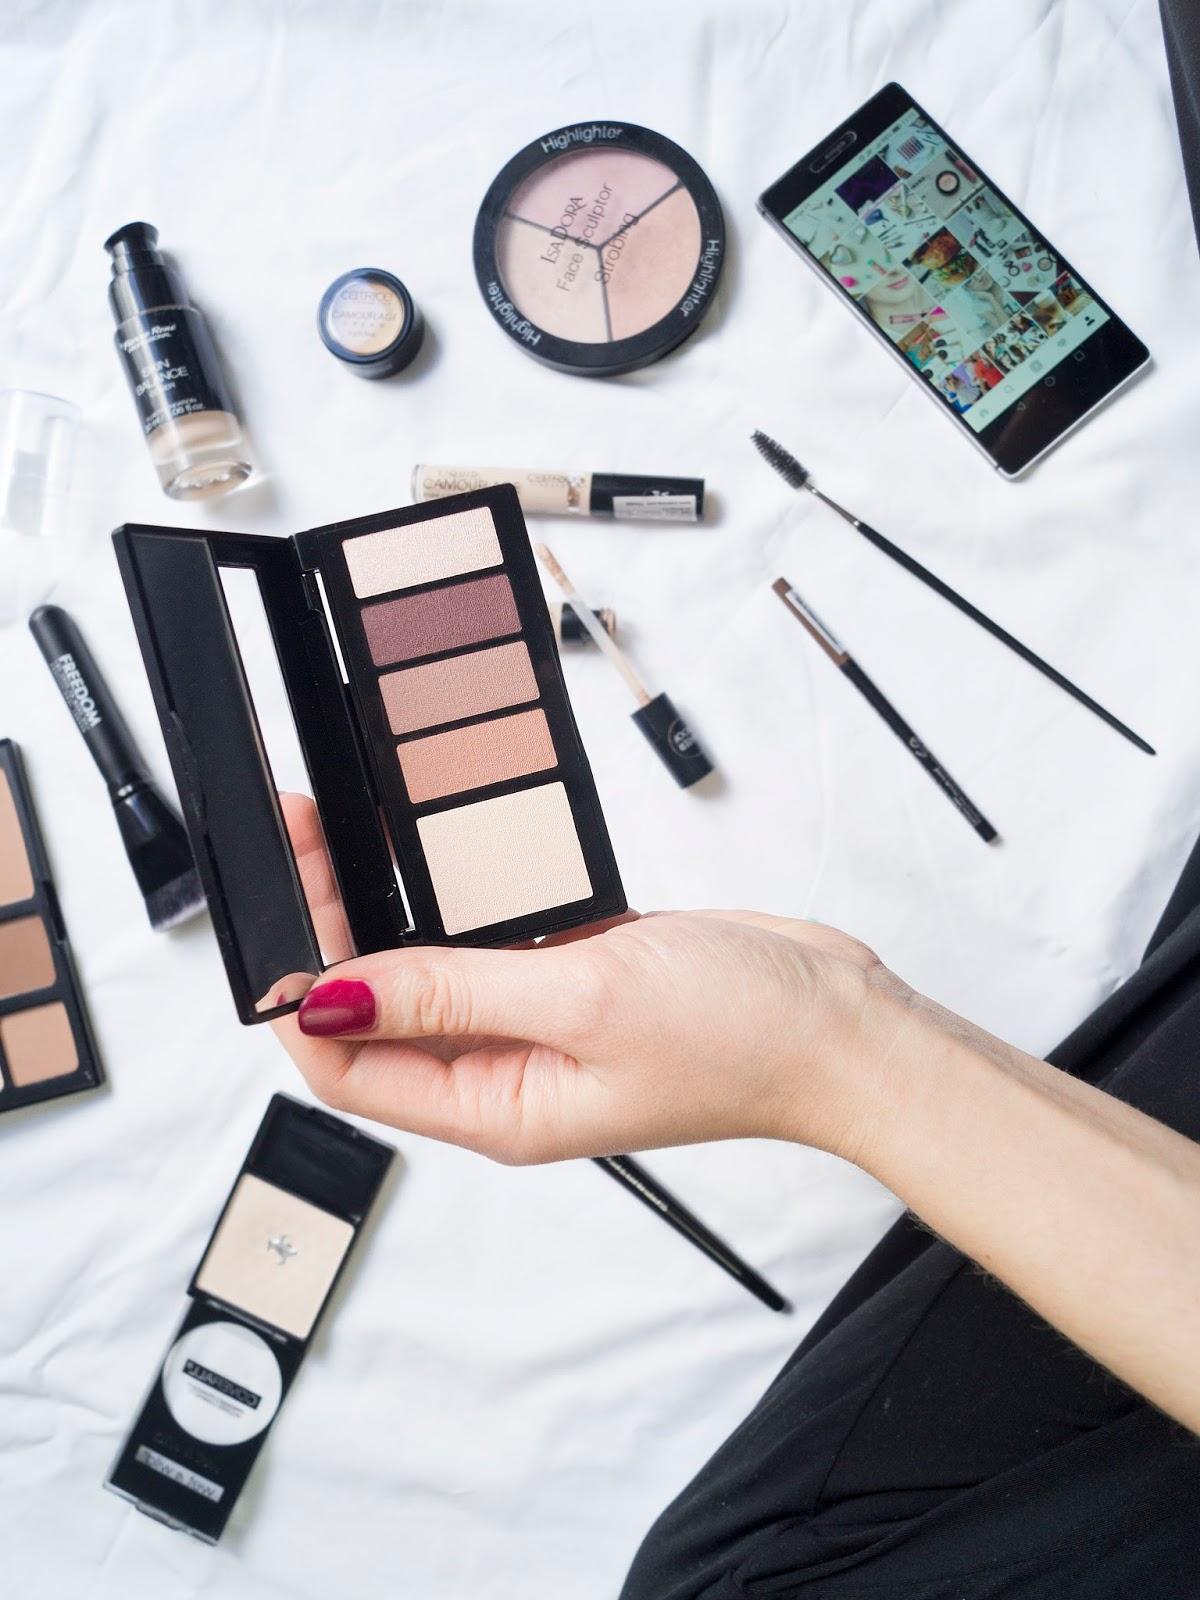 Mój codzienny makijaż - spis kosmetyków